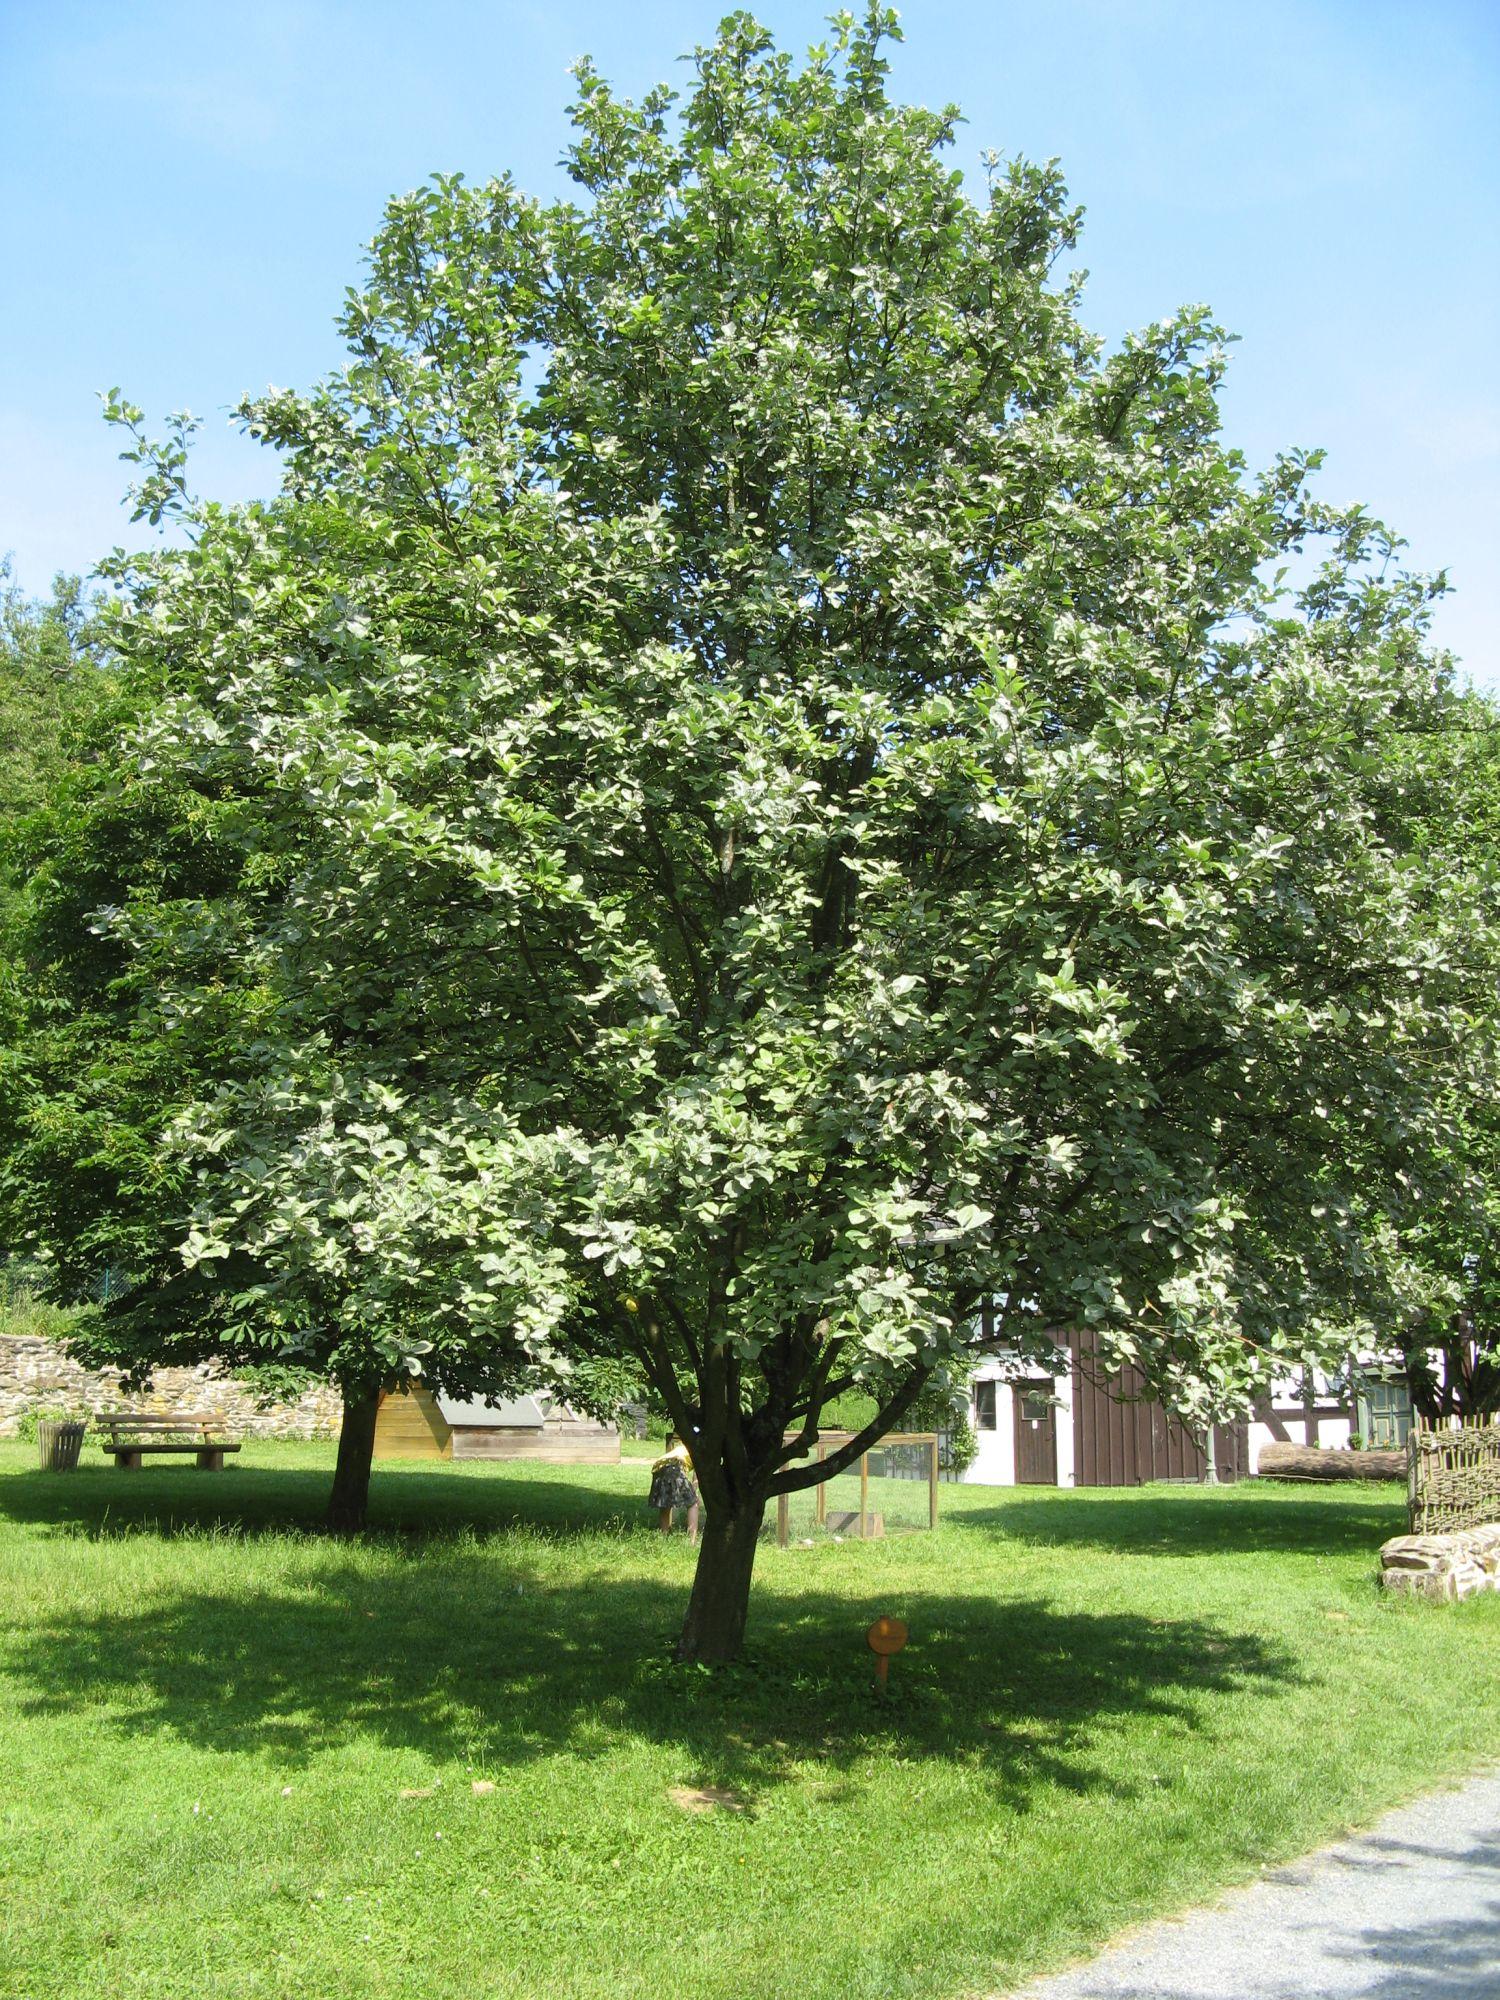 Depiction of Sorbus aria